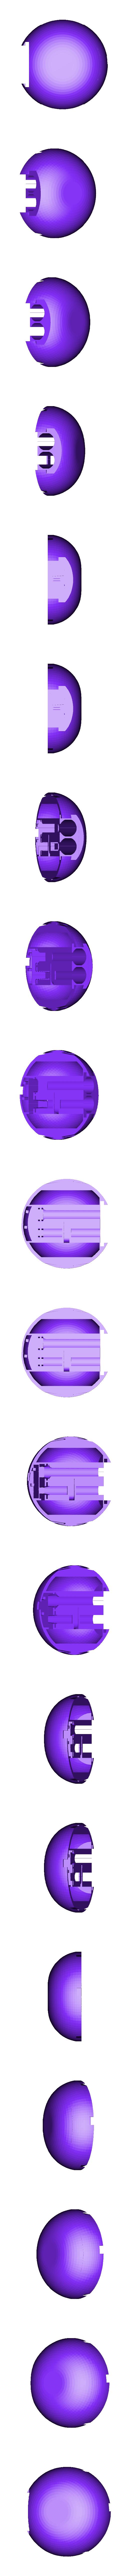 battery_pack_back_ball_with_support.stl Télécharger fichier STL gratuit Matrice Autobot du Leadership • Objet pour imprimante 3D, Yipham